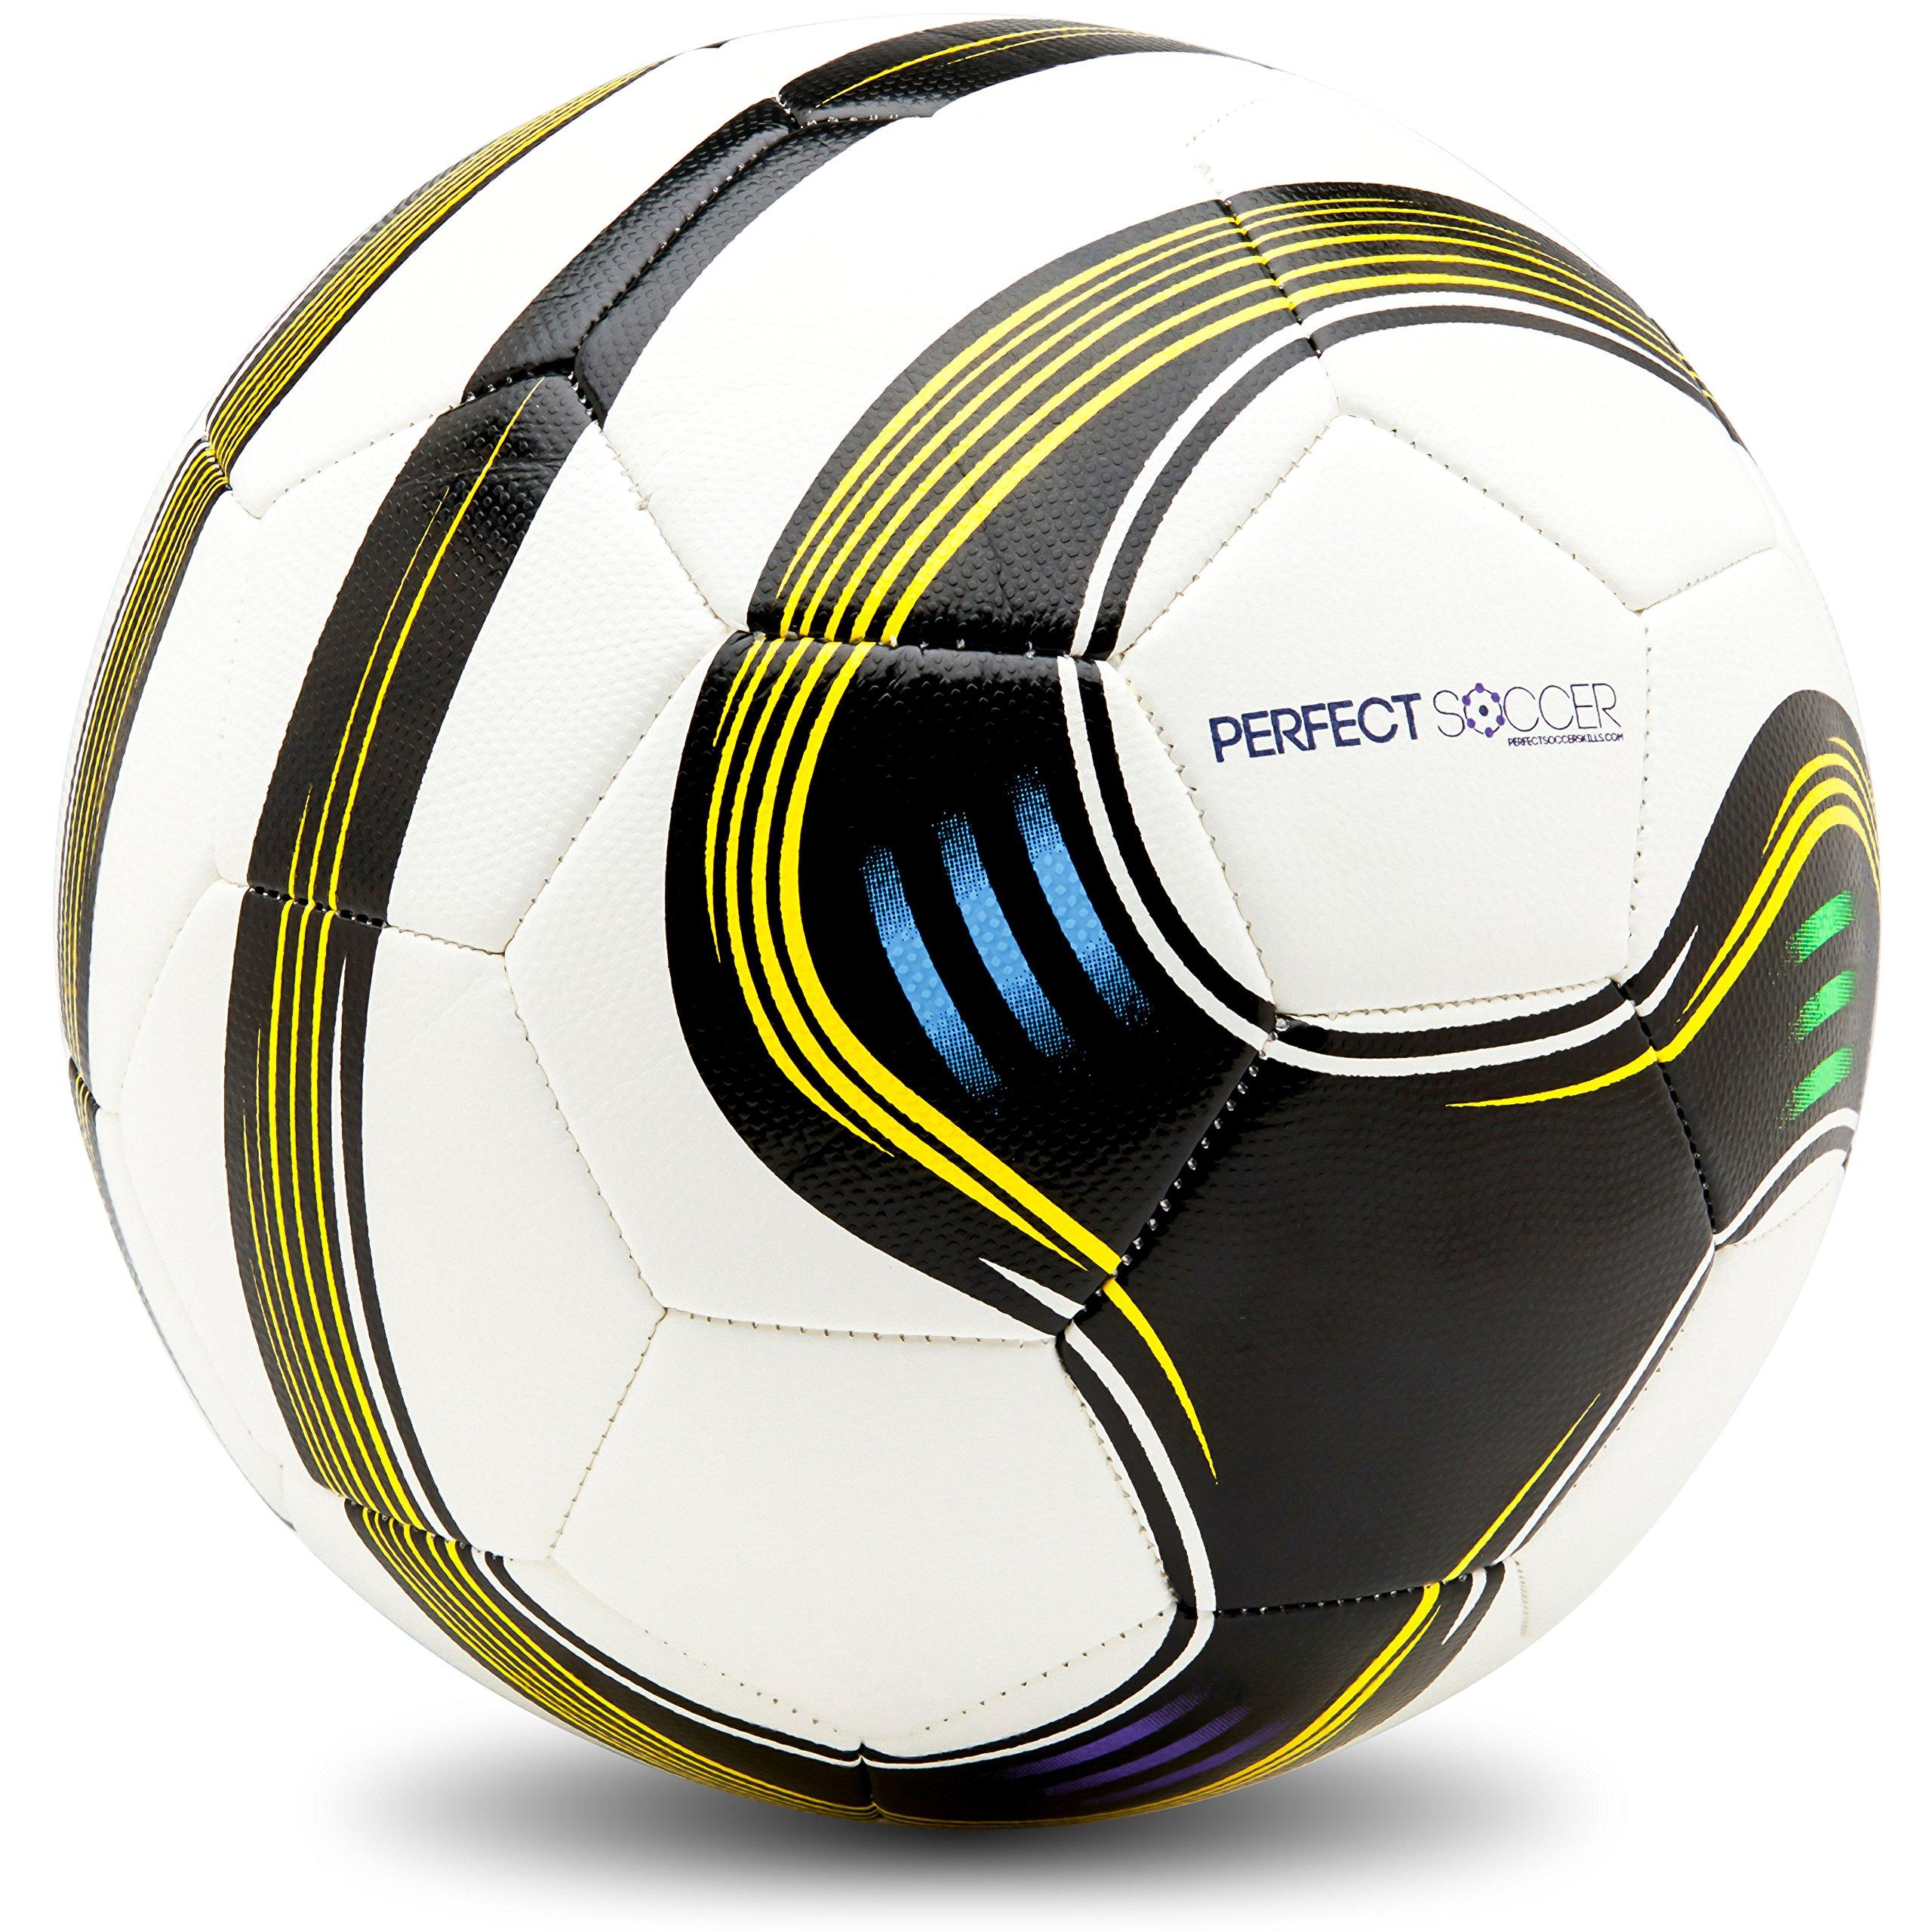 241d73d43 Amazon.com   Perfect Soccer Ball - Soccer Coach Soccer Balls Pack   Sports    Outdoors